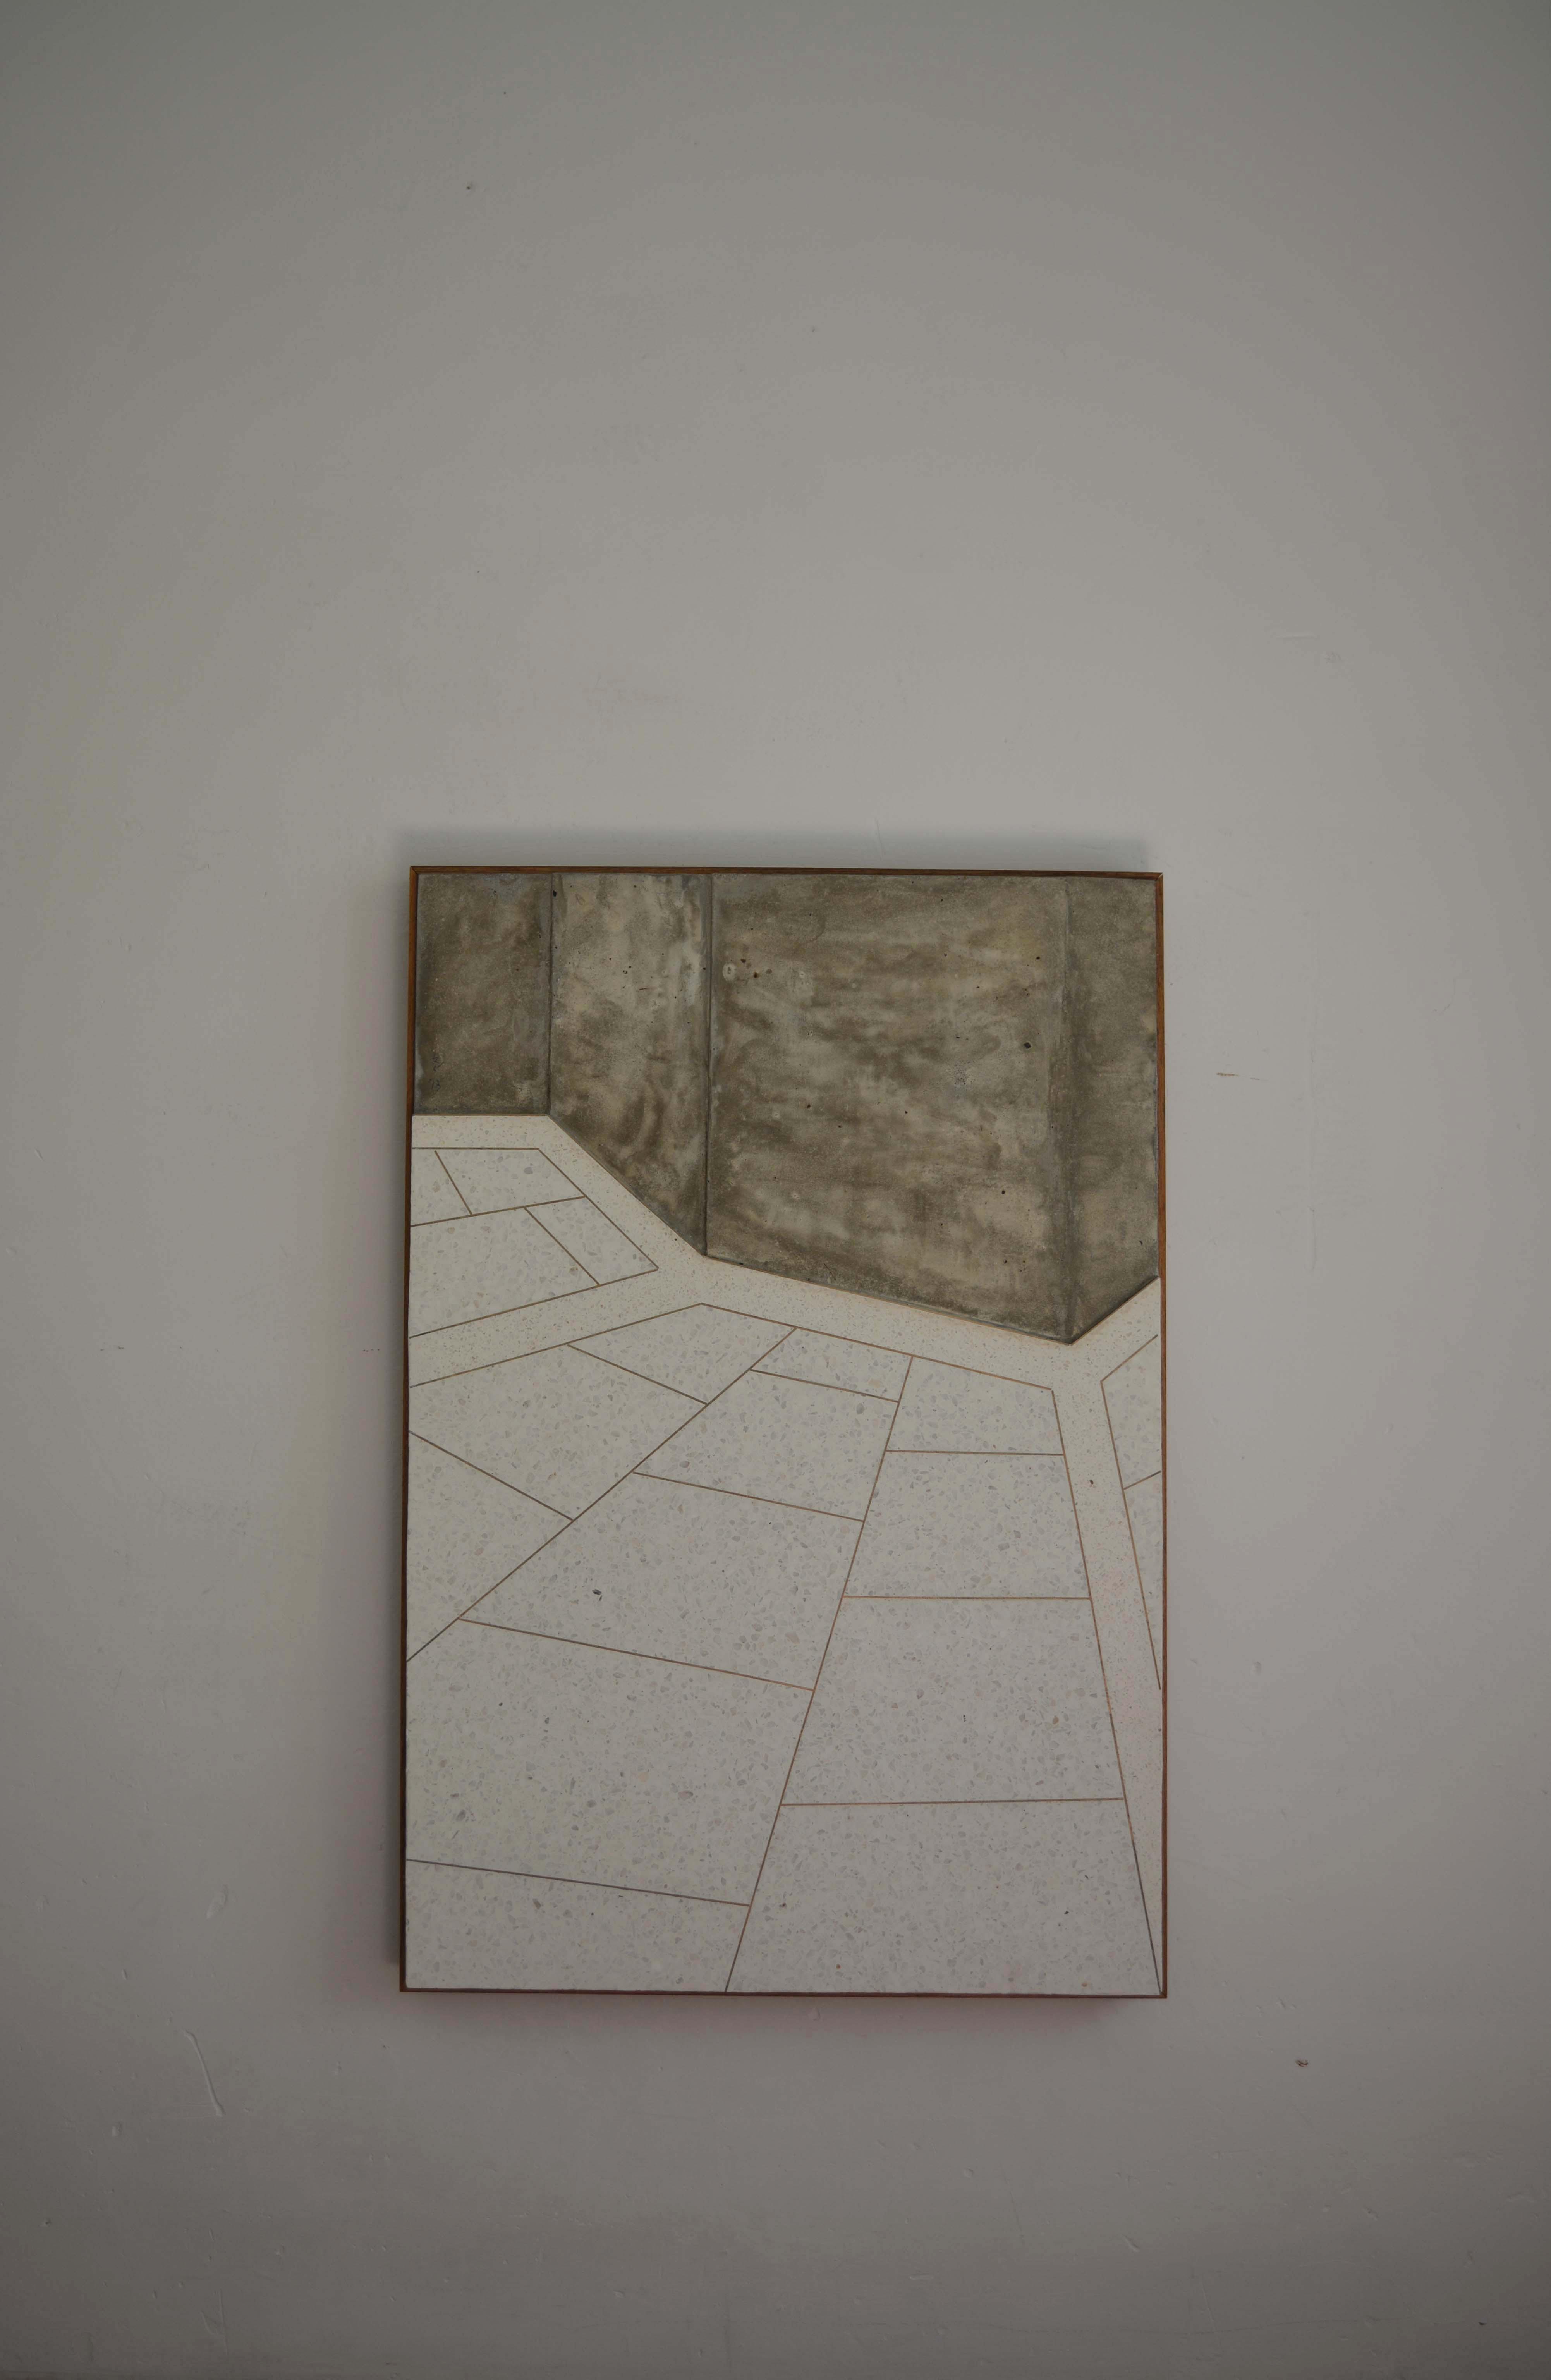 室 04 / space 04